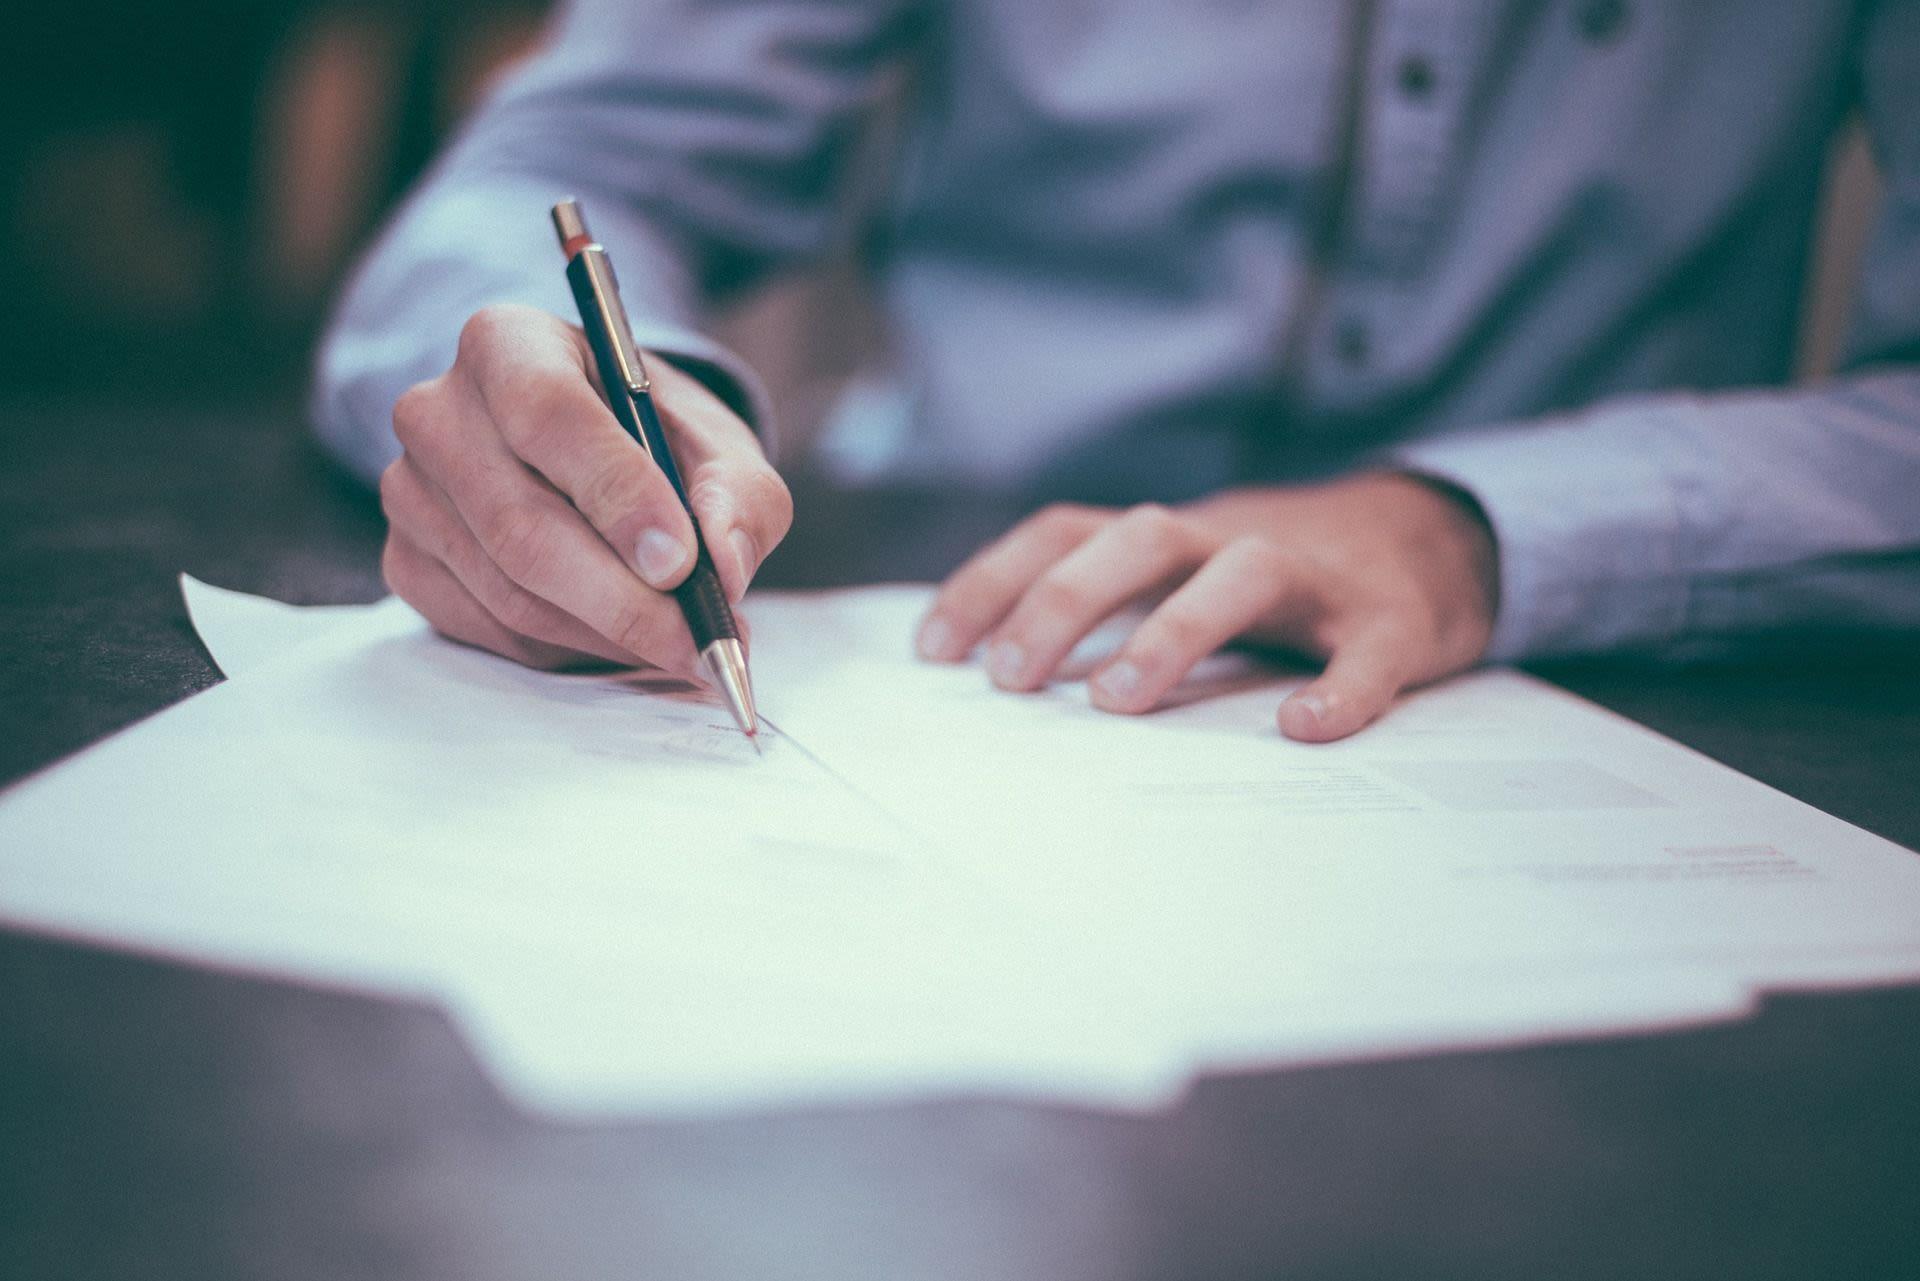 Achat immobilier: Comment gérer la période post compromis?